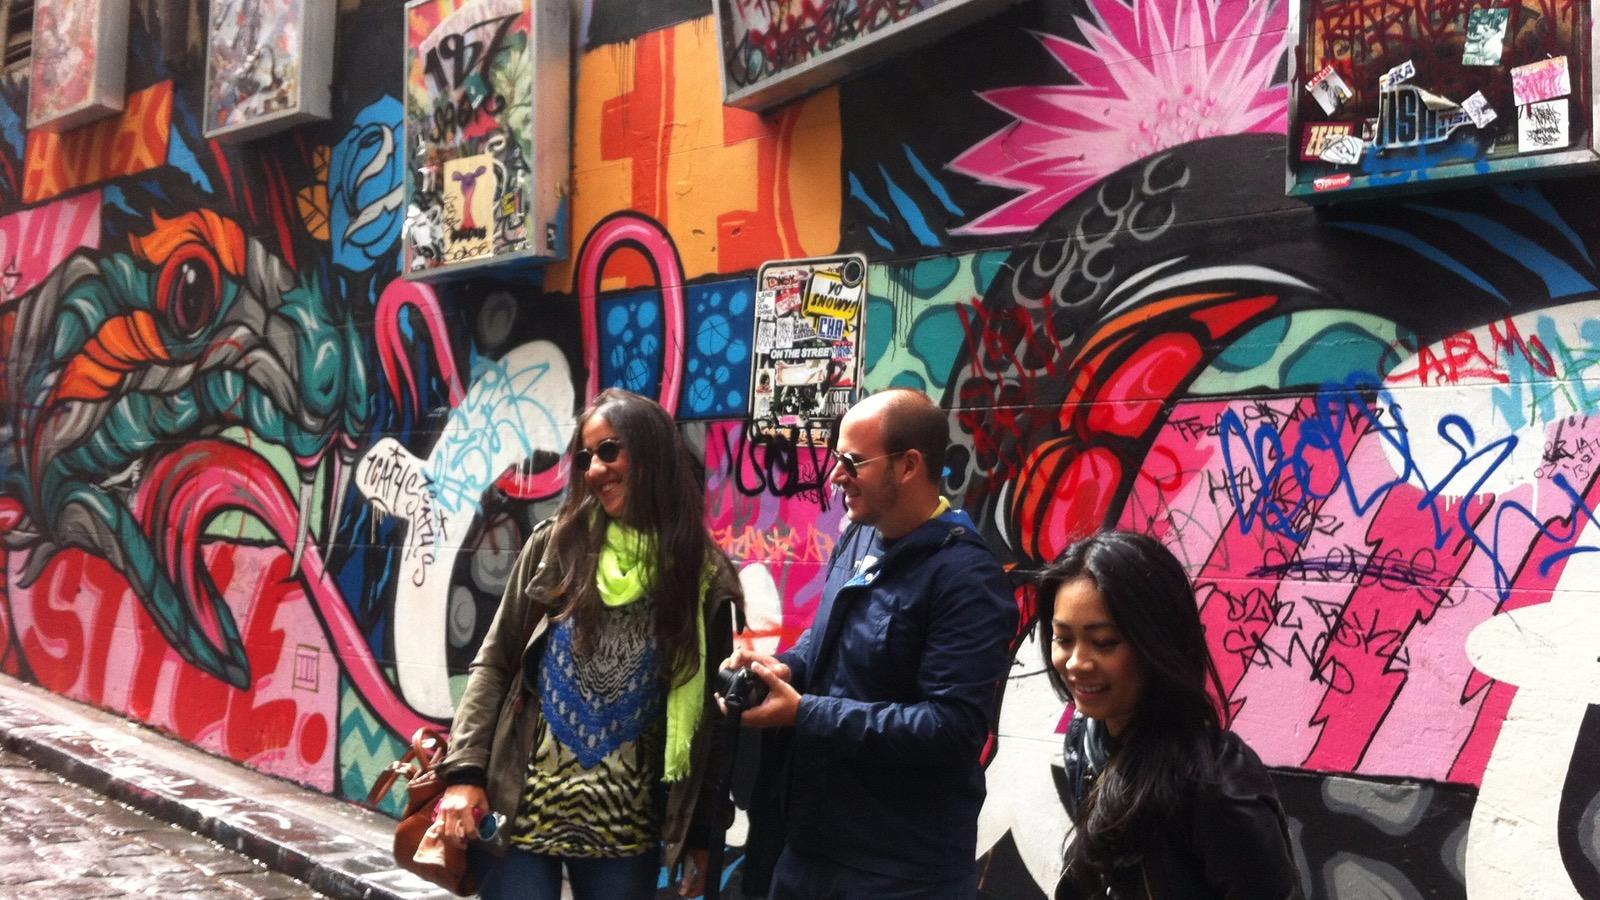 Groups visiting Hosier Lane